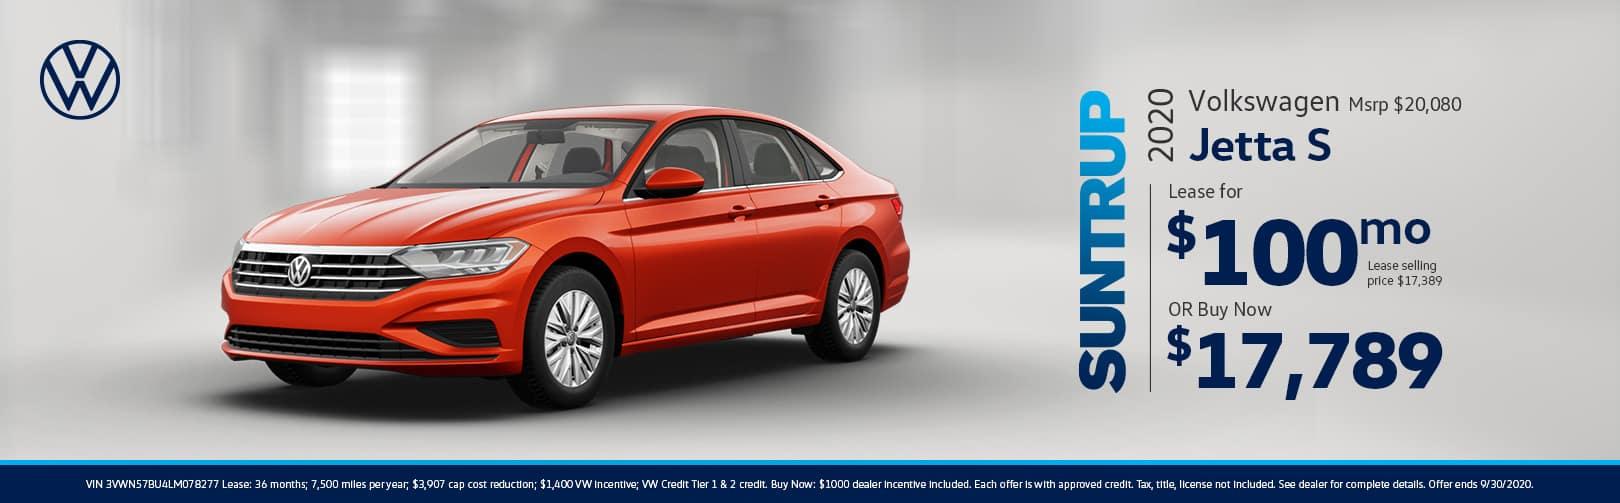 SVW-SEPT20-Banners-(2020-Volkswagen-Jetta-S)